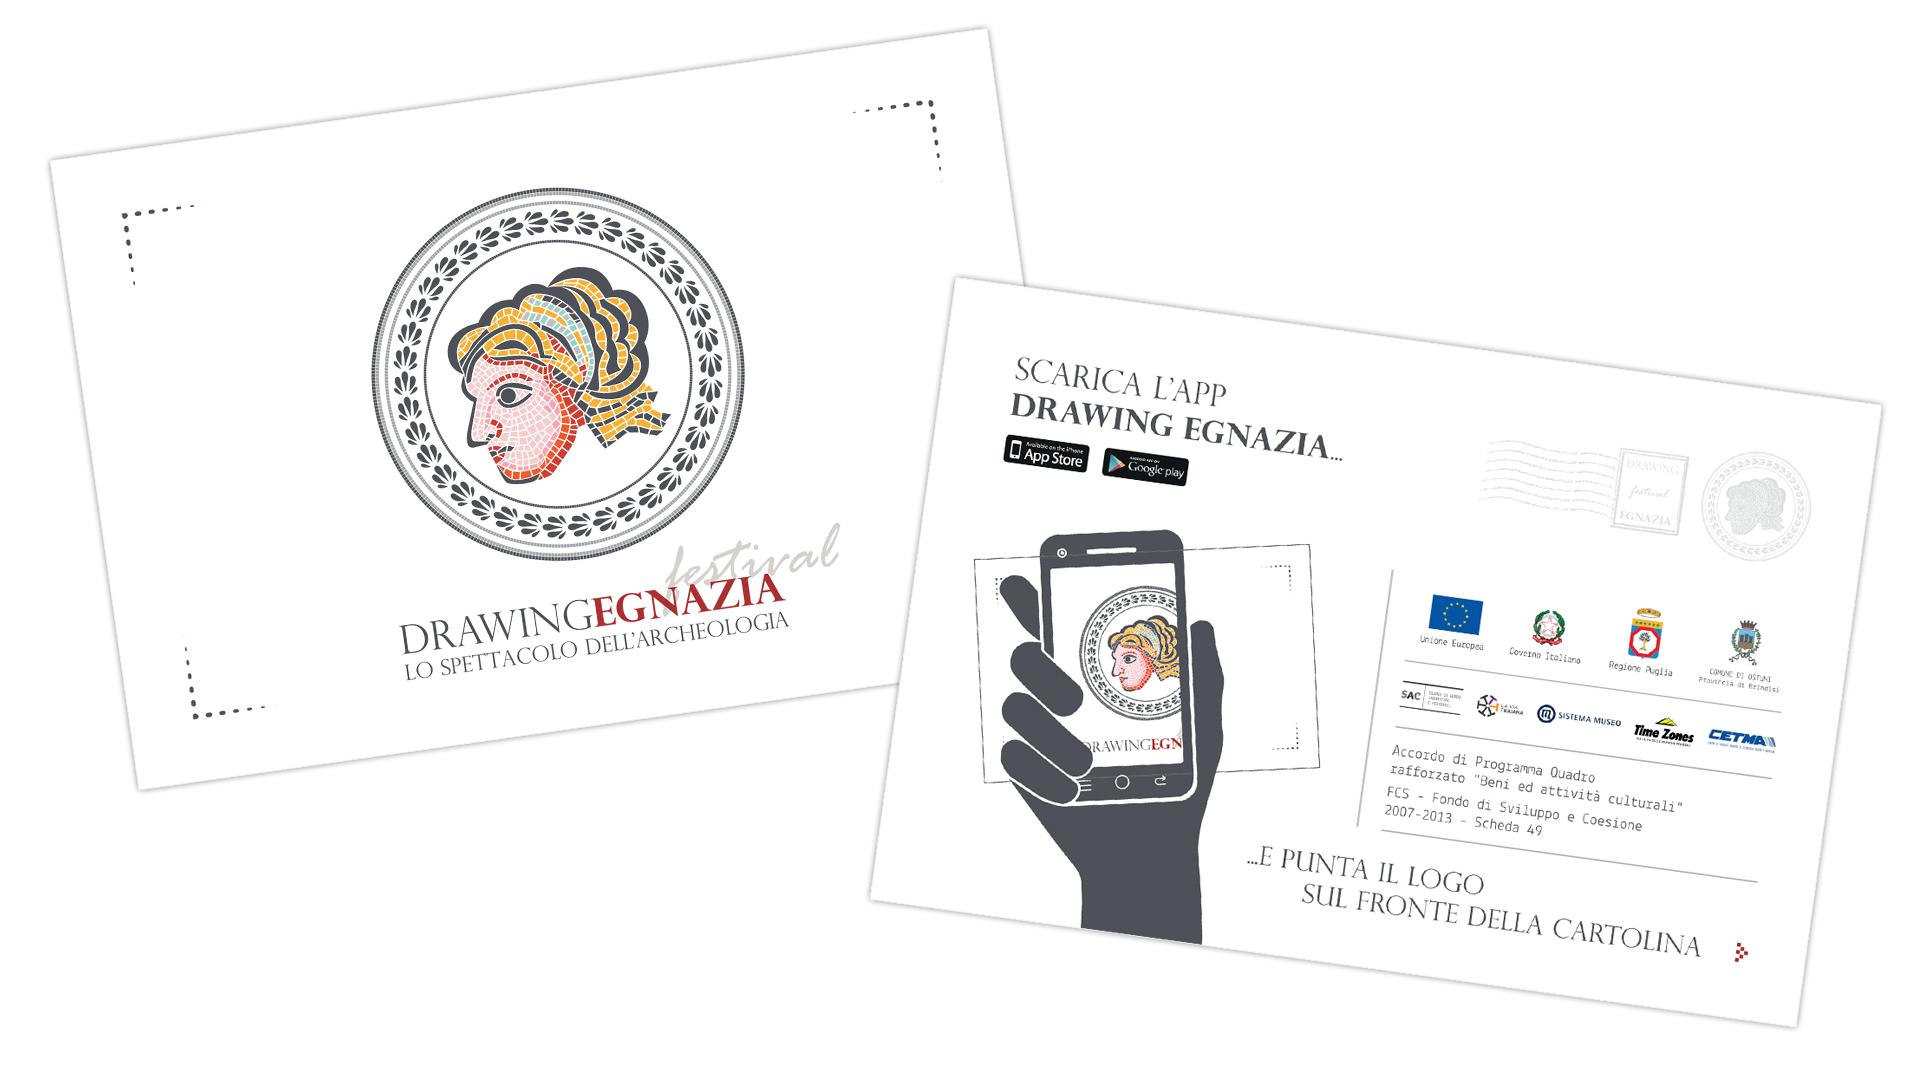 App Drawing Egnazia